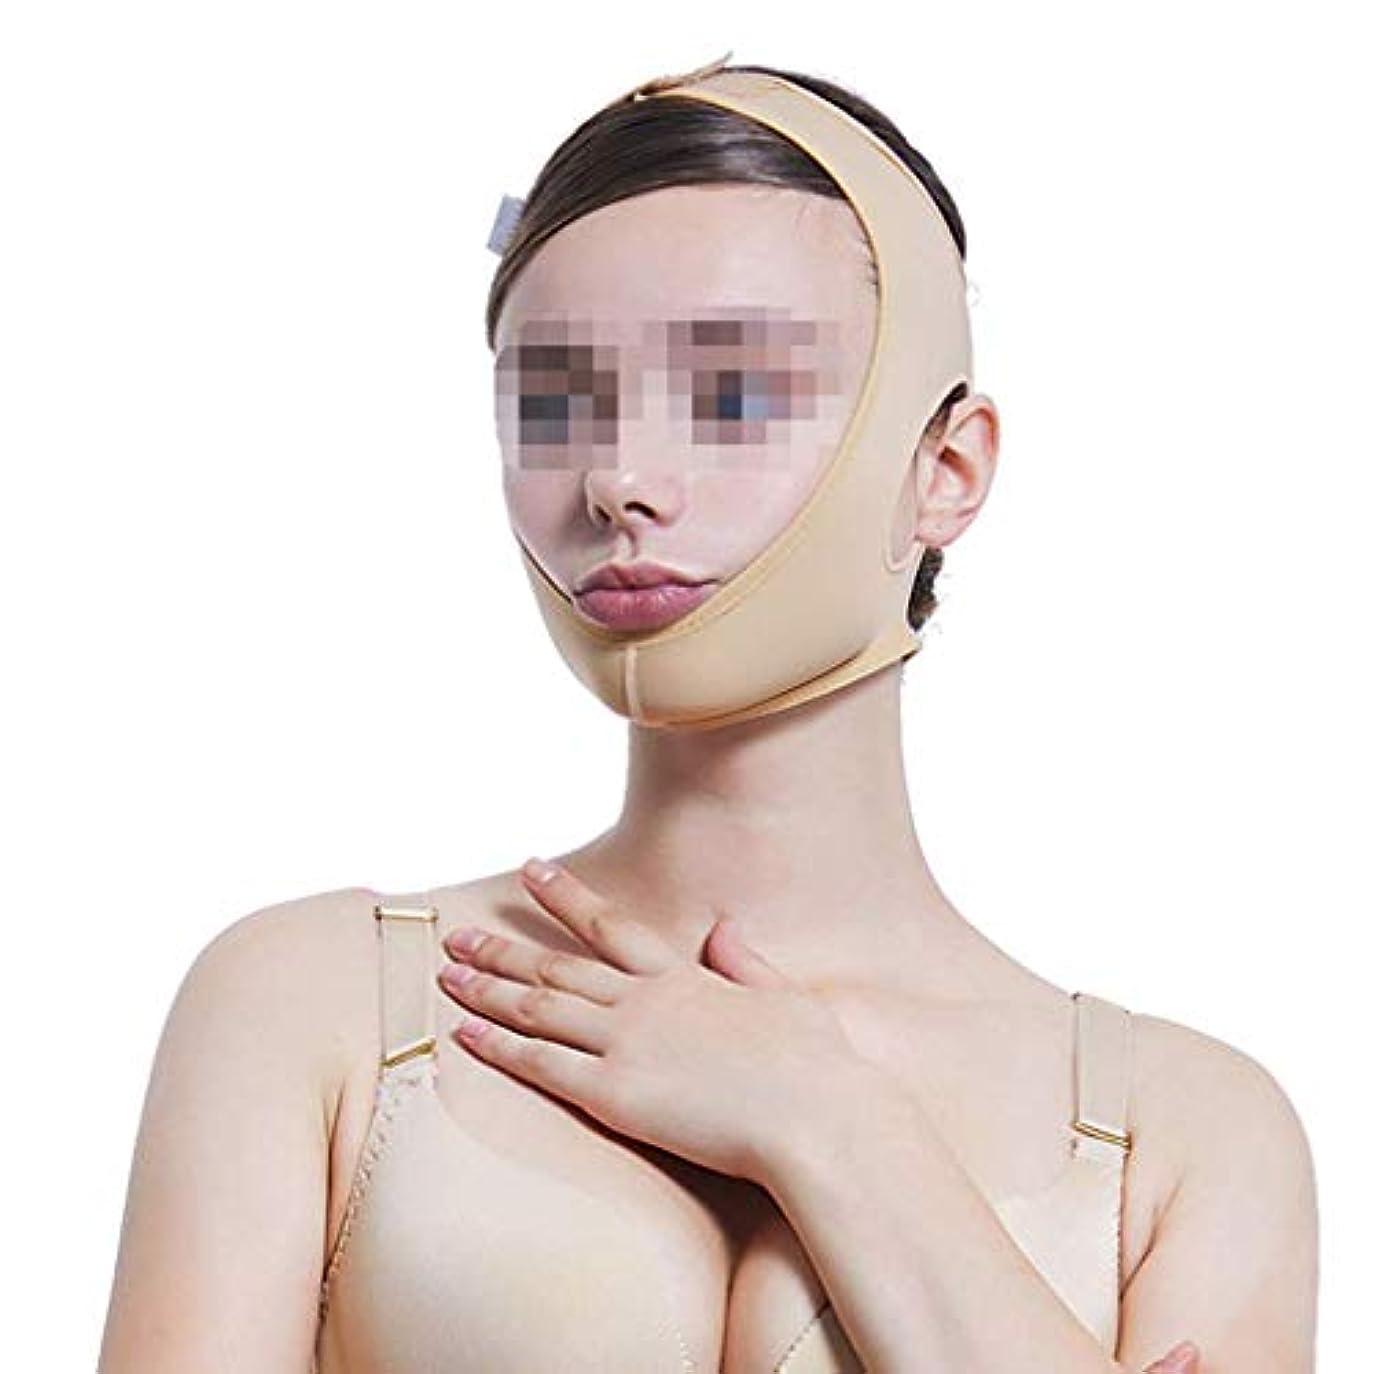 全体民主党スーダンビームフェイス弾性ヘッドギア、ダブルあごのあごのセットをマスクの後に線彫り薄いフェイス包帯マルチサイズオプション(サイズ:XS),XS